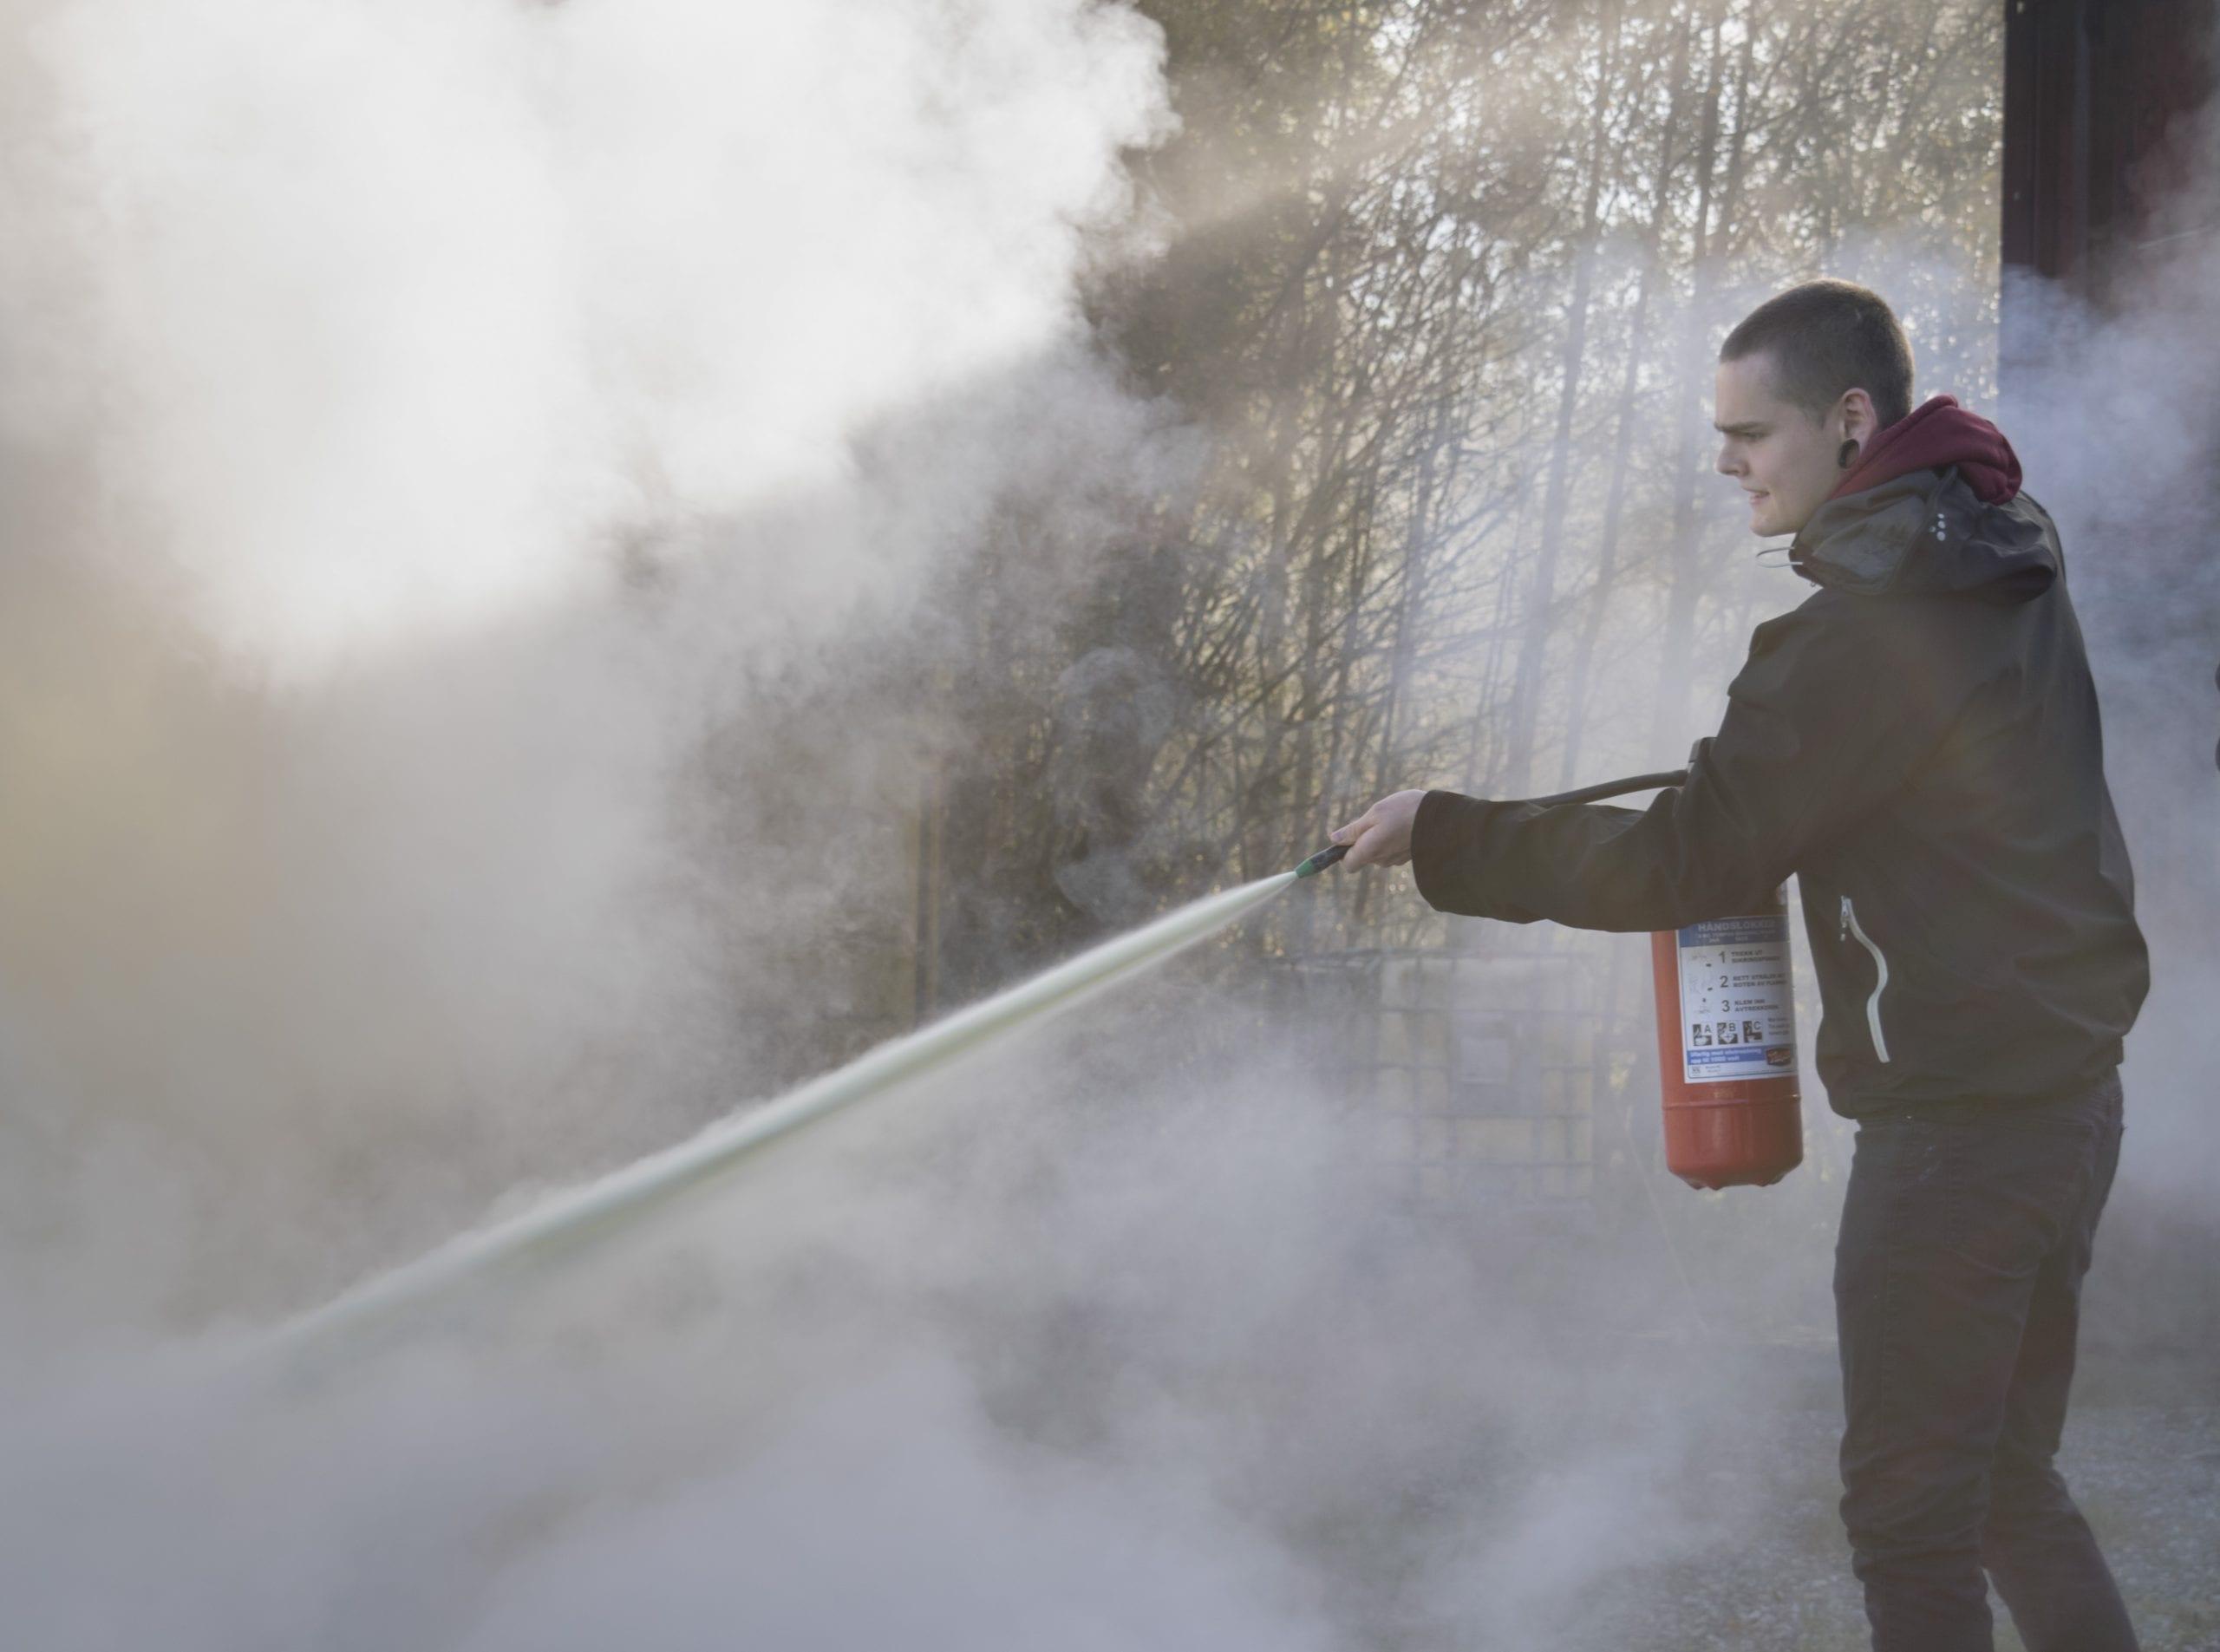 Politi og vekter-elevane lærer om brannsikkerhet. Stord folkehøgskule